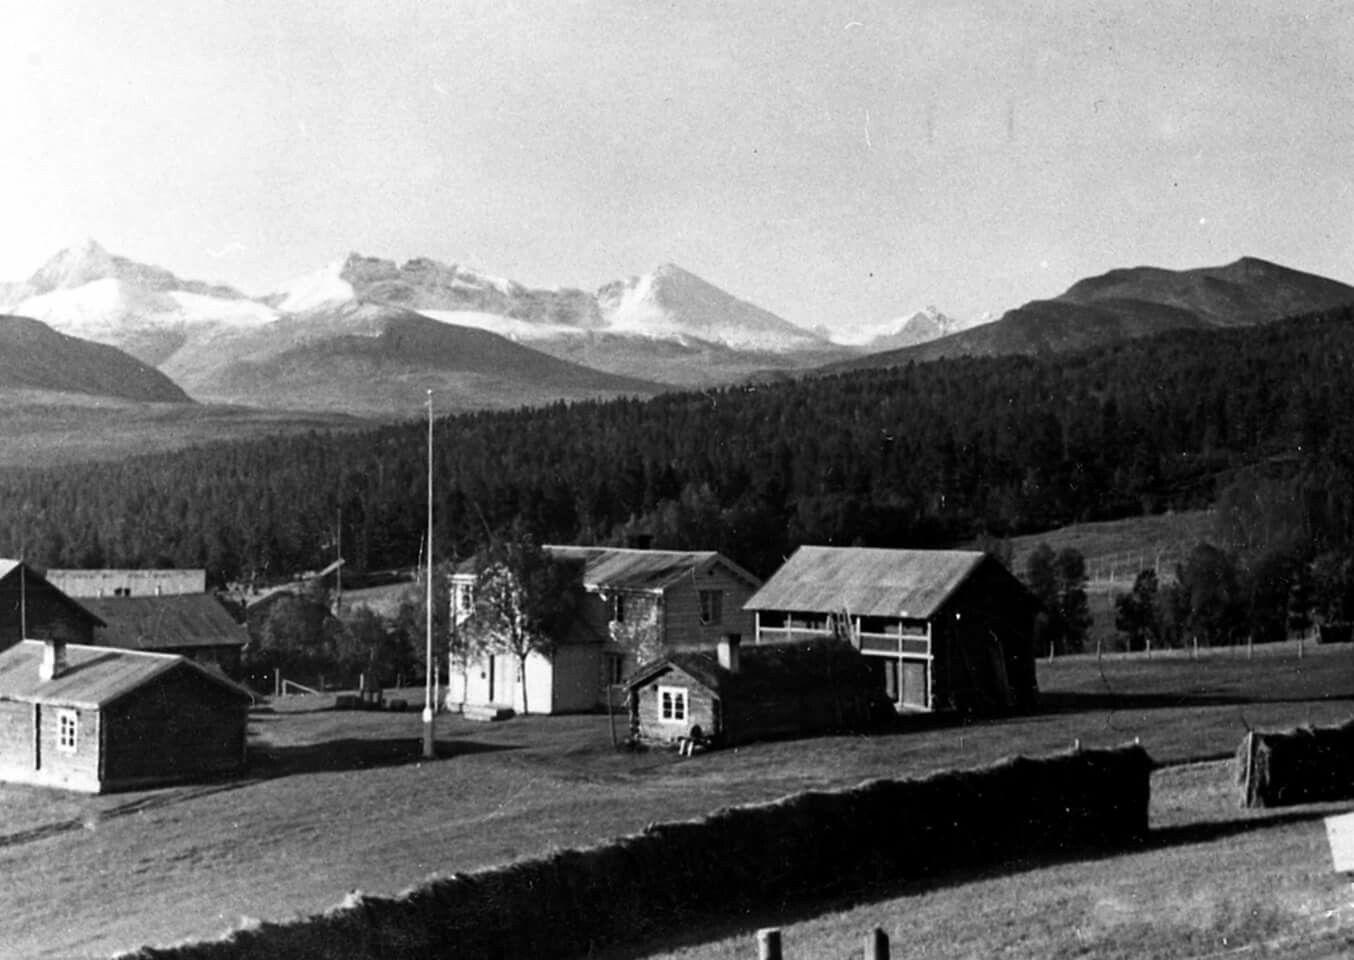 Hedmark fylke Folldal kommune Nordstu Streitlien Folldal bygdetun utsikt mot Rondane 1960-tallet